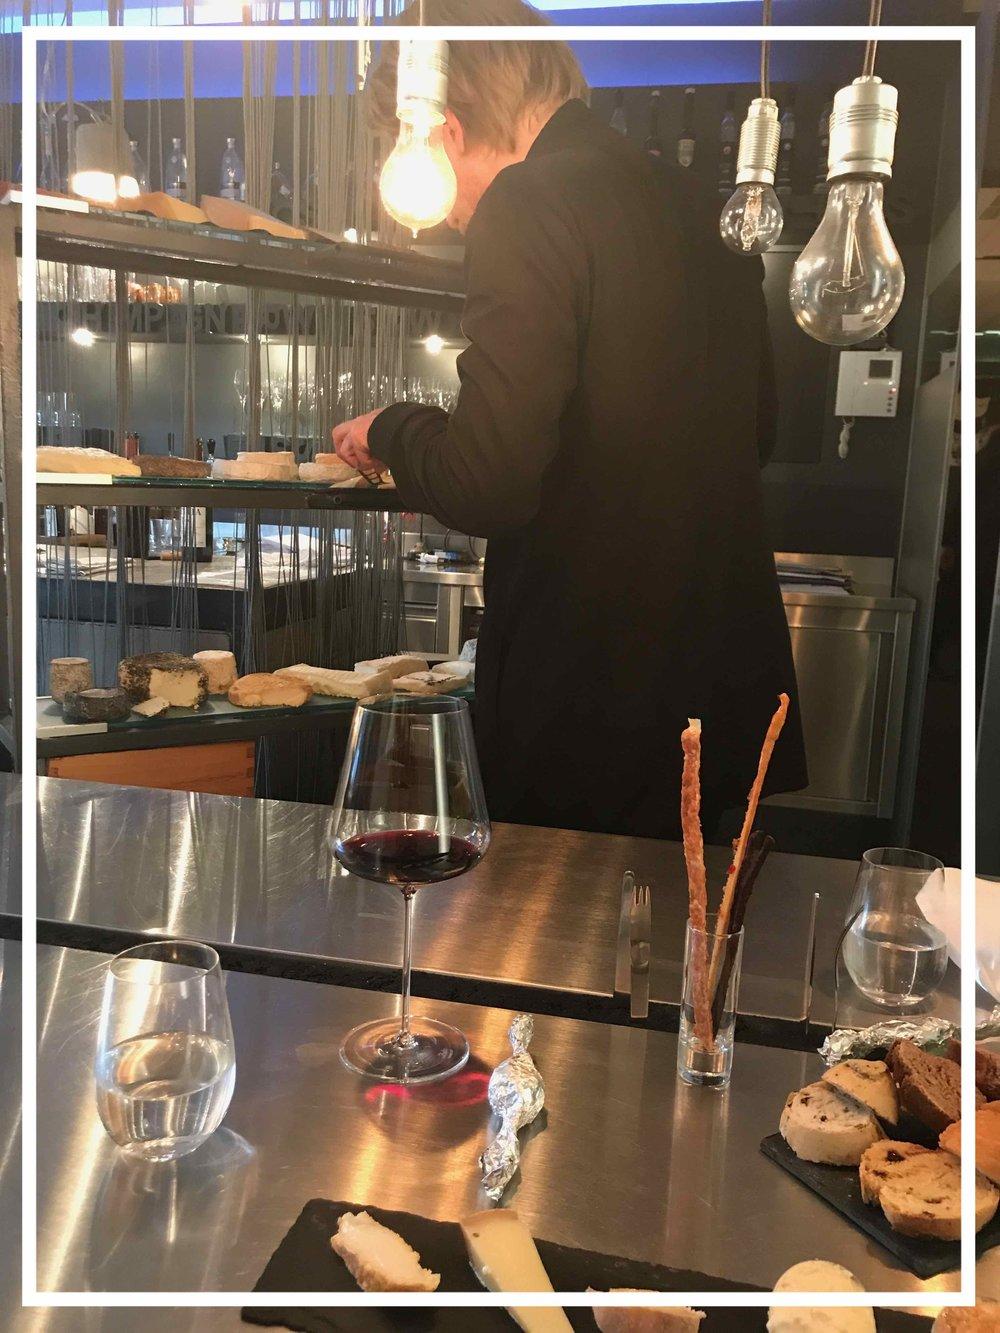 #mrazundsohn #käsevomwagen #kulinarischges #sternegastronomie #wien #disawistories.jpg